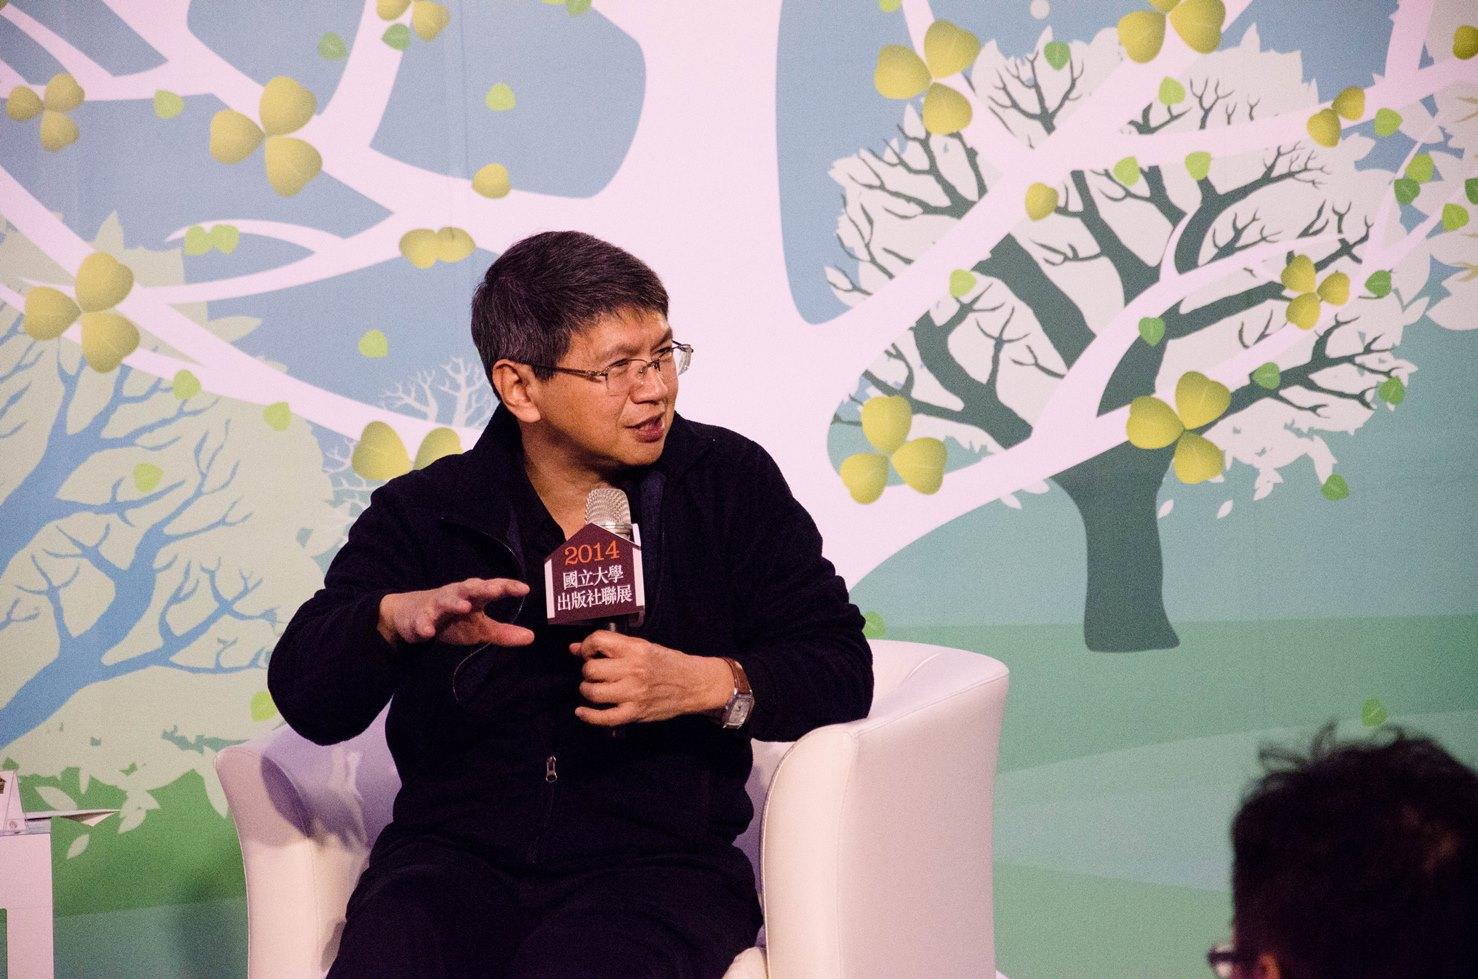 主講者高涌泉教授